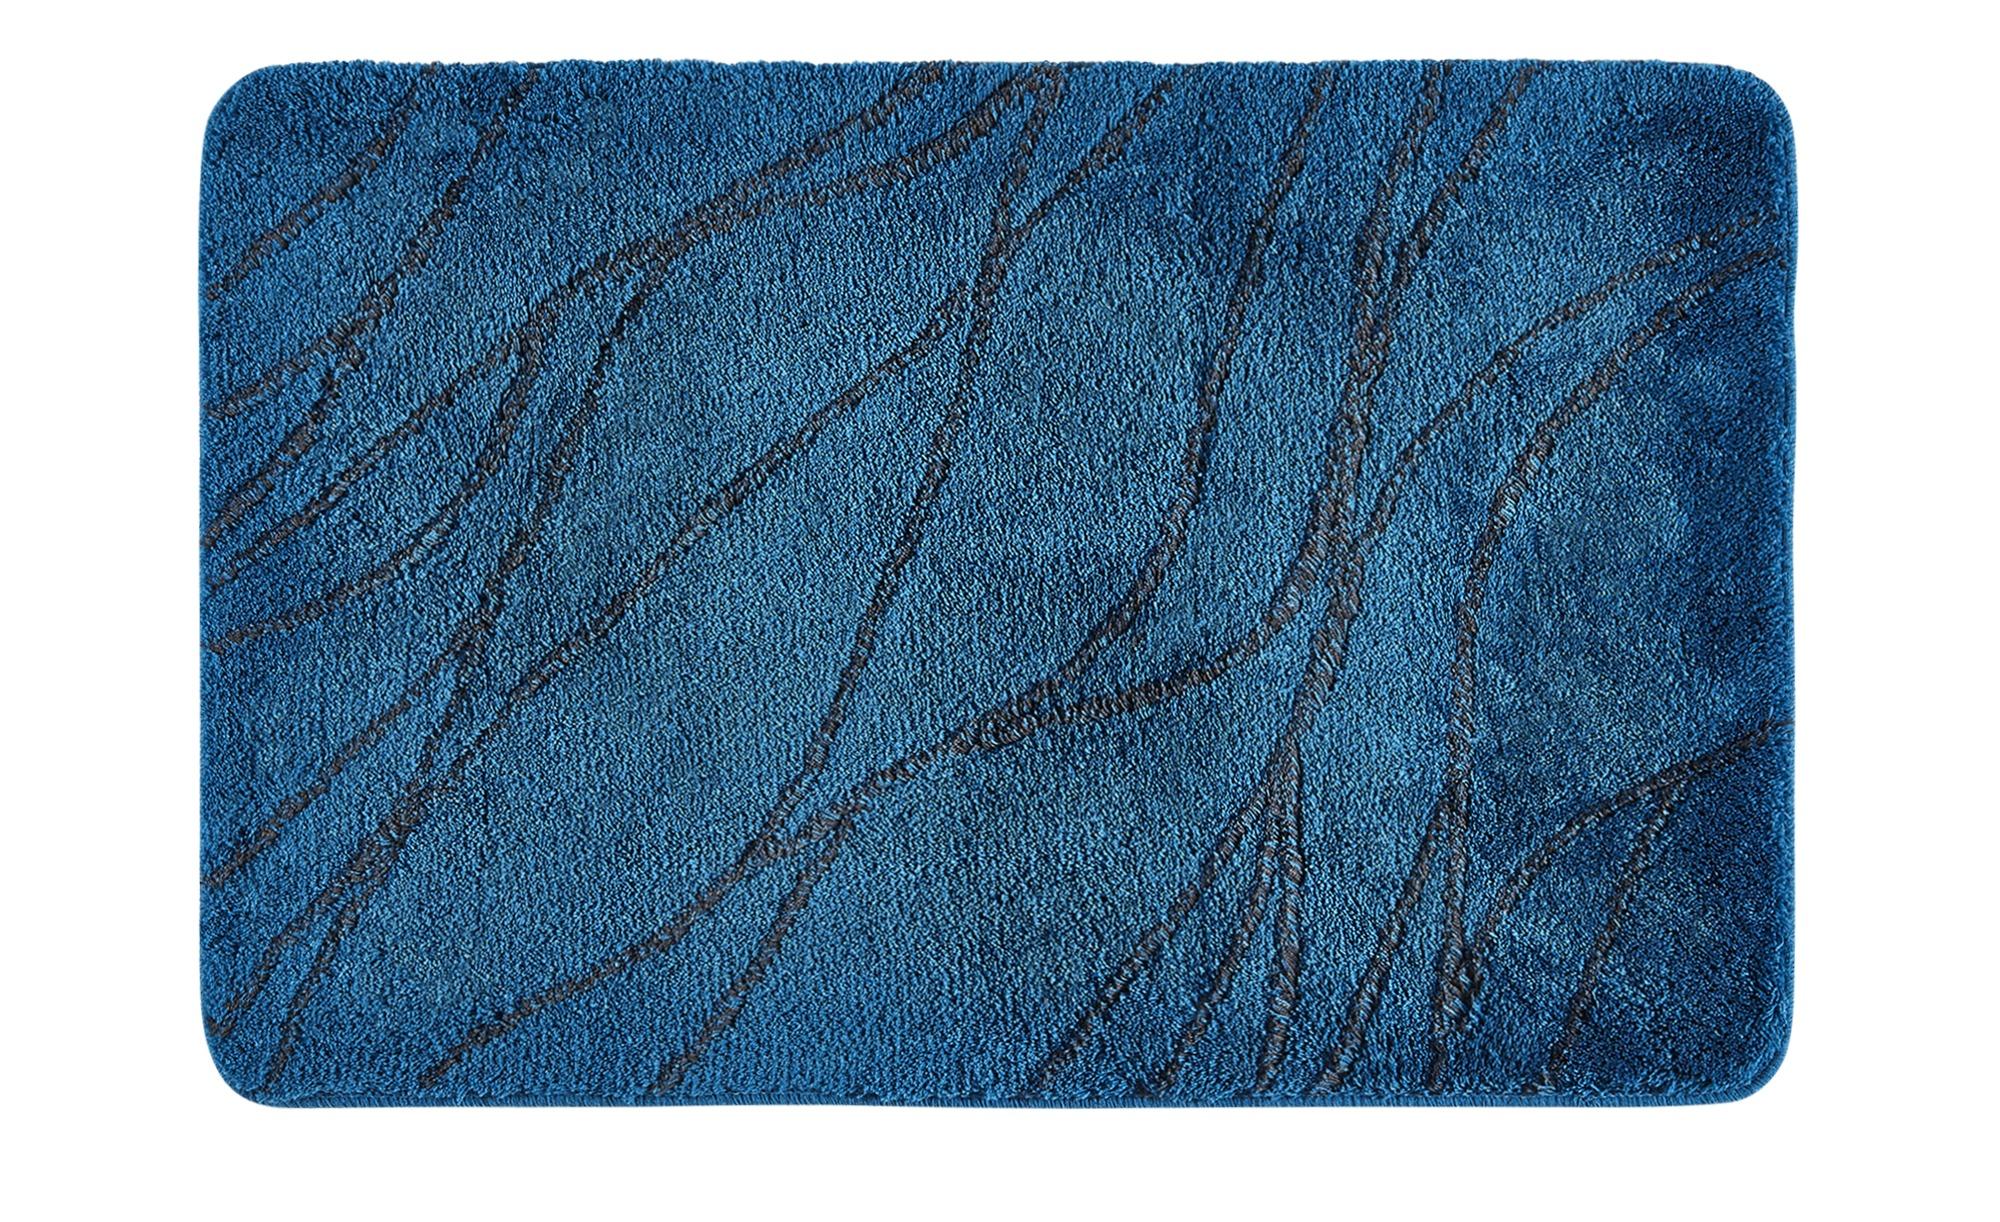 Badteppich  Alice ¦ blau ¦ 100 % Polyarcryl ¦ Maße (cm): B: 60 Badtextilien und Zubehör > Badematten & Badvorleger - Höffner